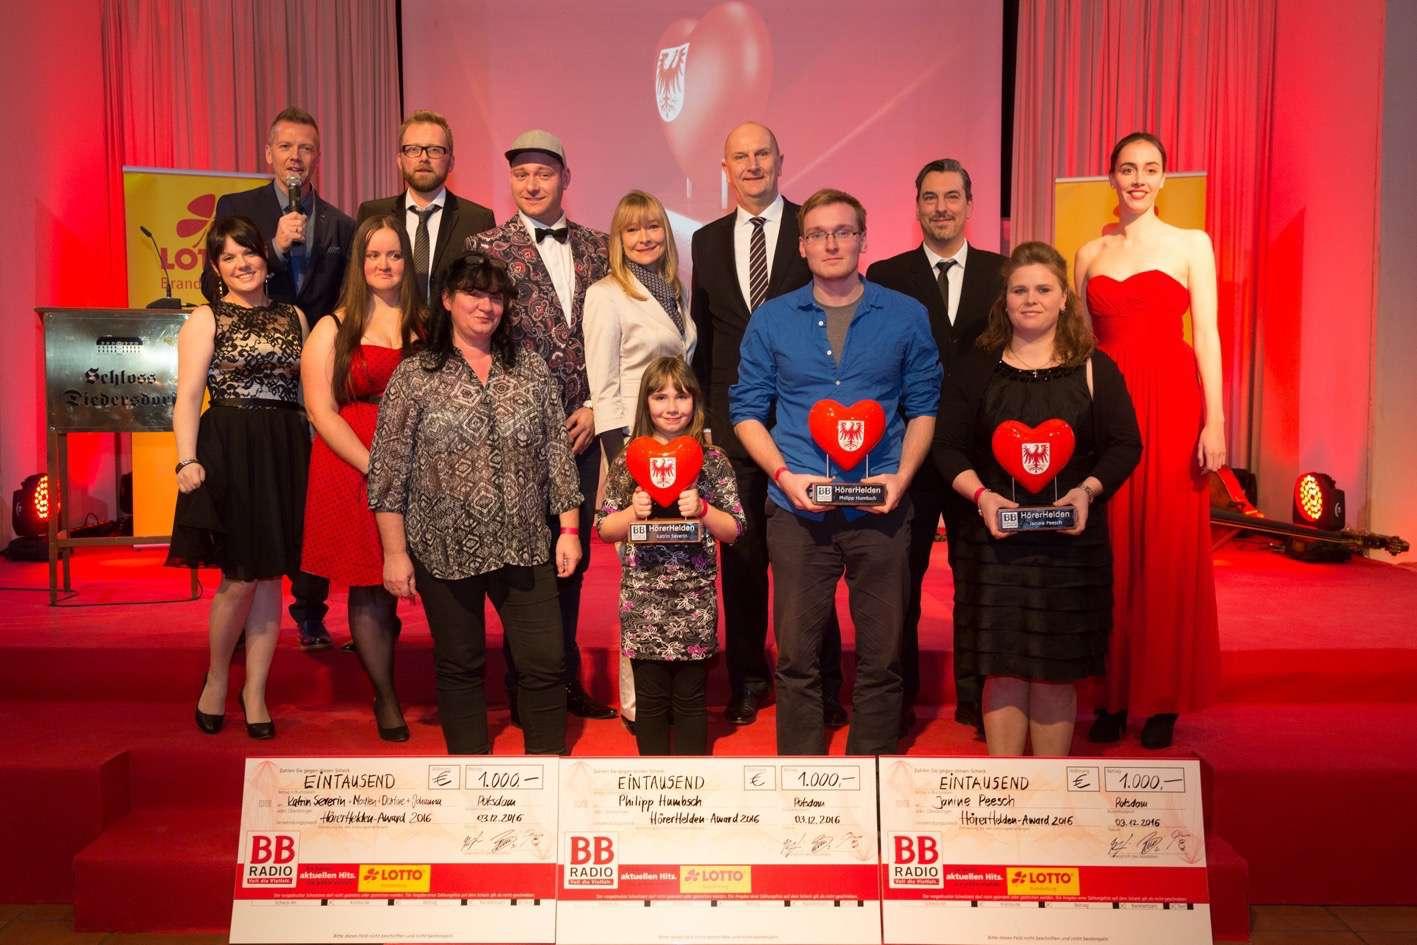 BB Radio: Tag des Ehrenamts - Auszeichnungen durch Dietmar Woidke